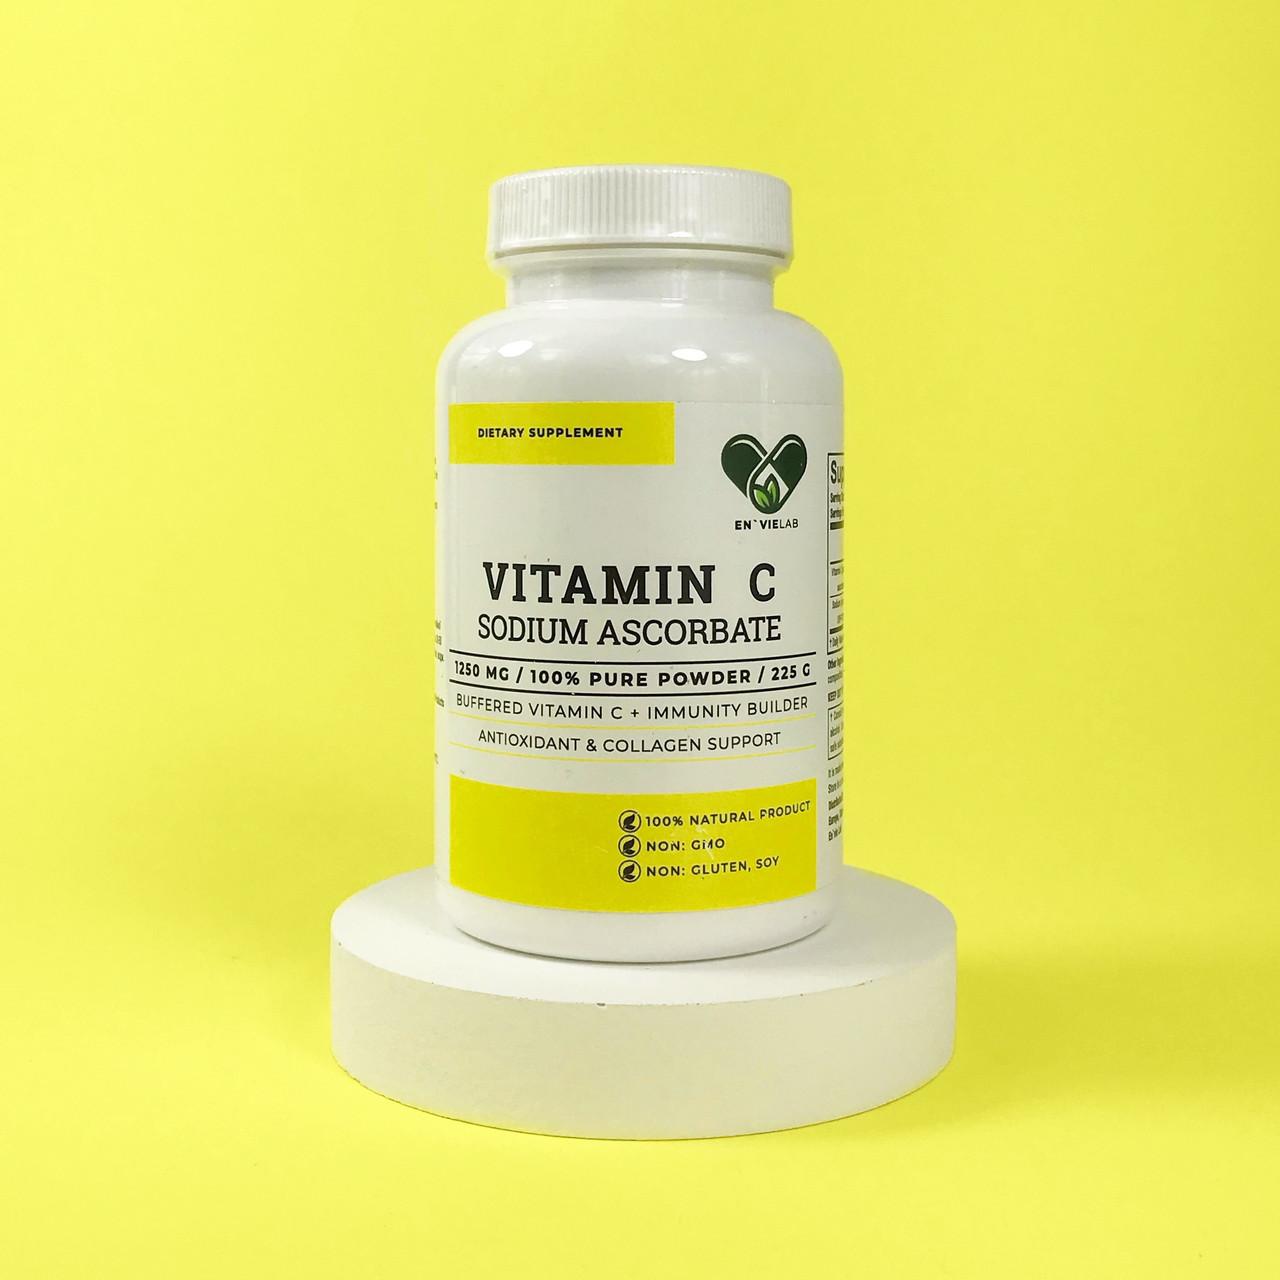 Вітамін С - аскорбат натрію ( Sodium Ascorbate ) порошок 225 р. En'vie Lab